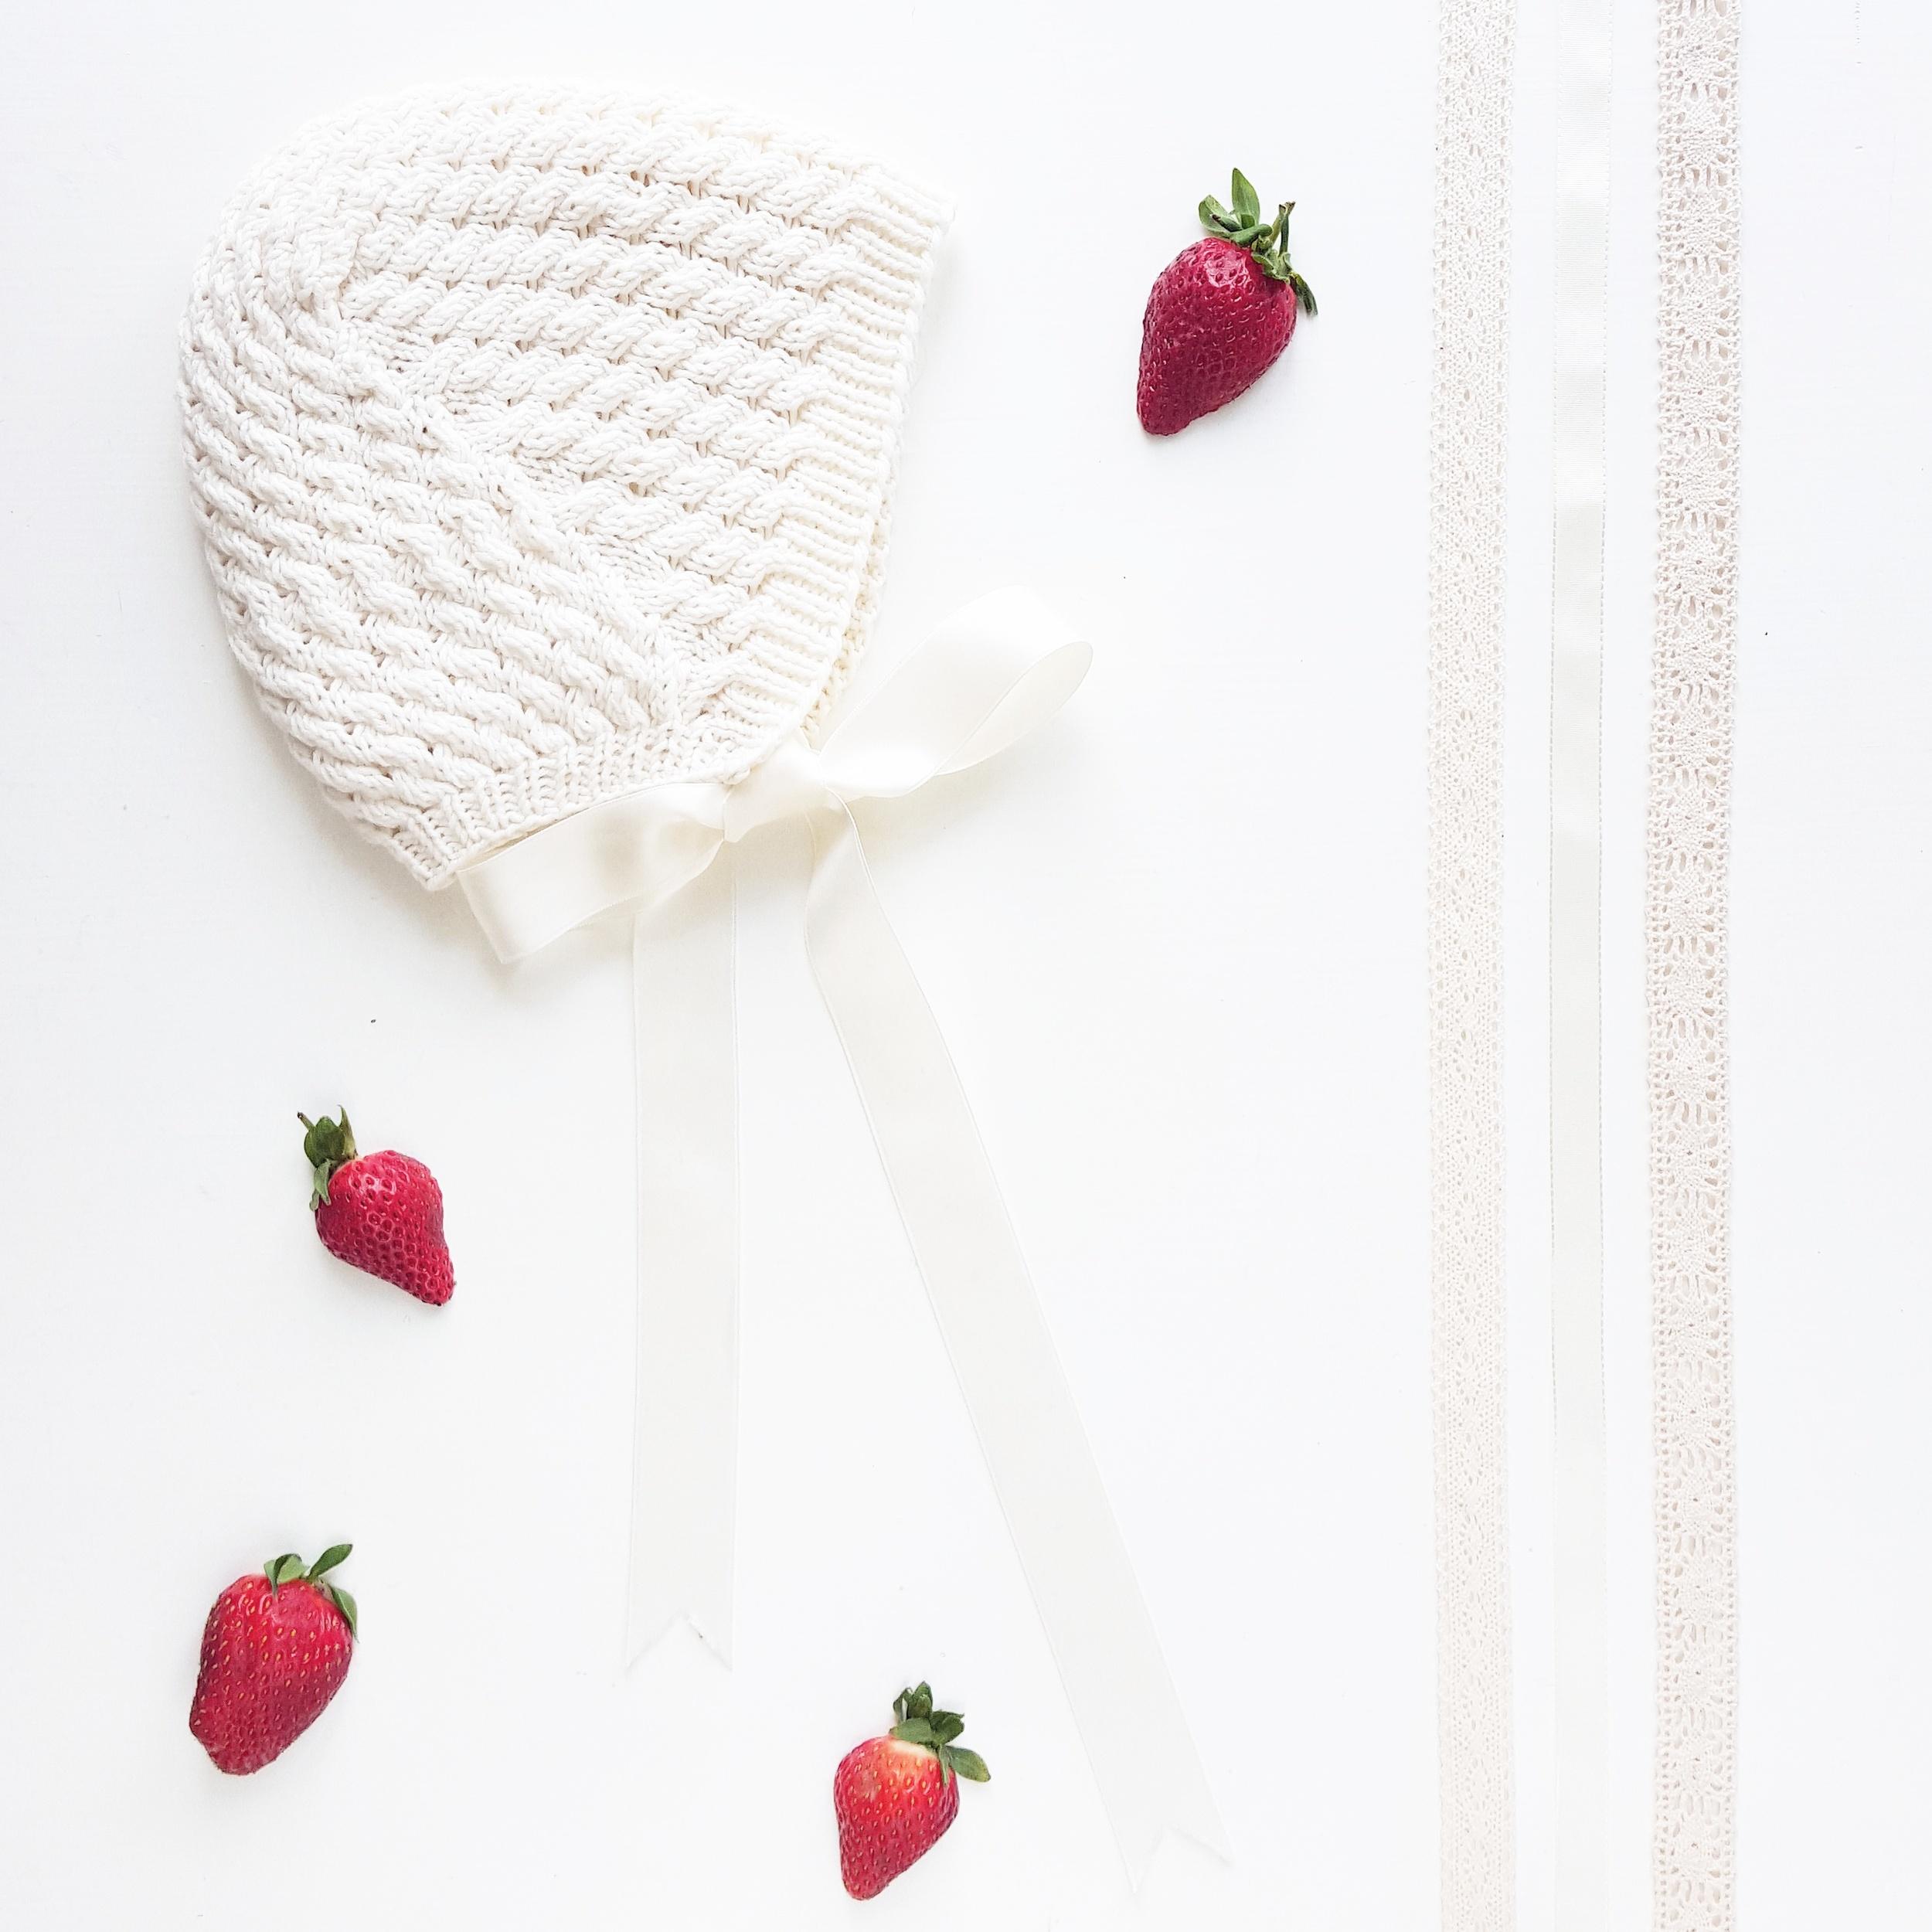 Splitter nye  flettekyse  er en vakker, lettstrikket liten sak, hva med å kombinere den med Tirildrakten for en liten sommerprinsesse eller -prins?